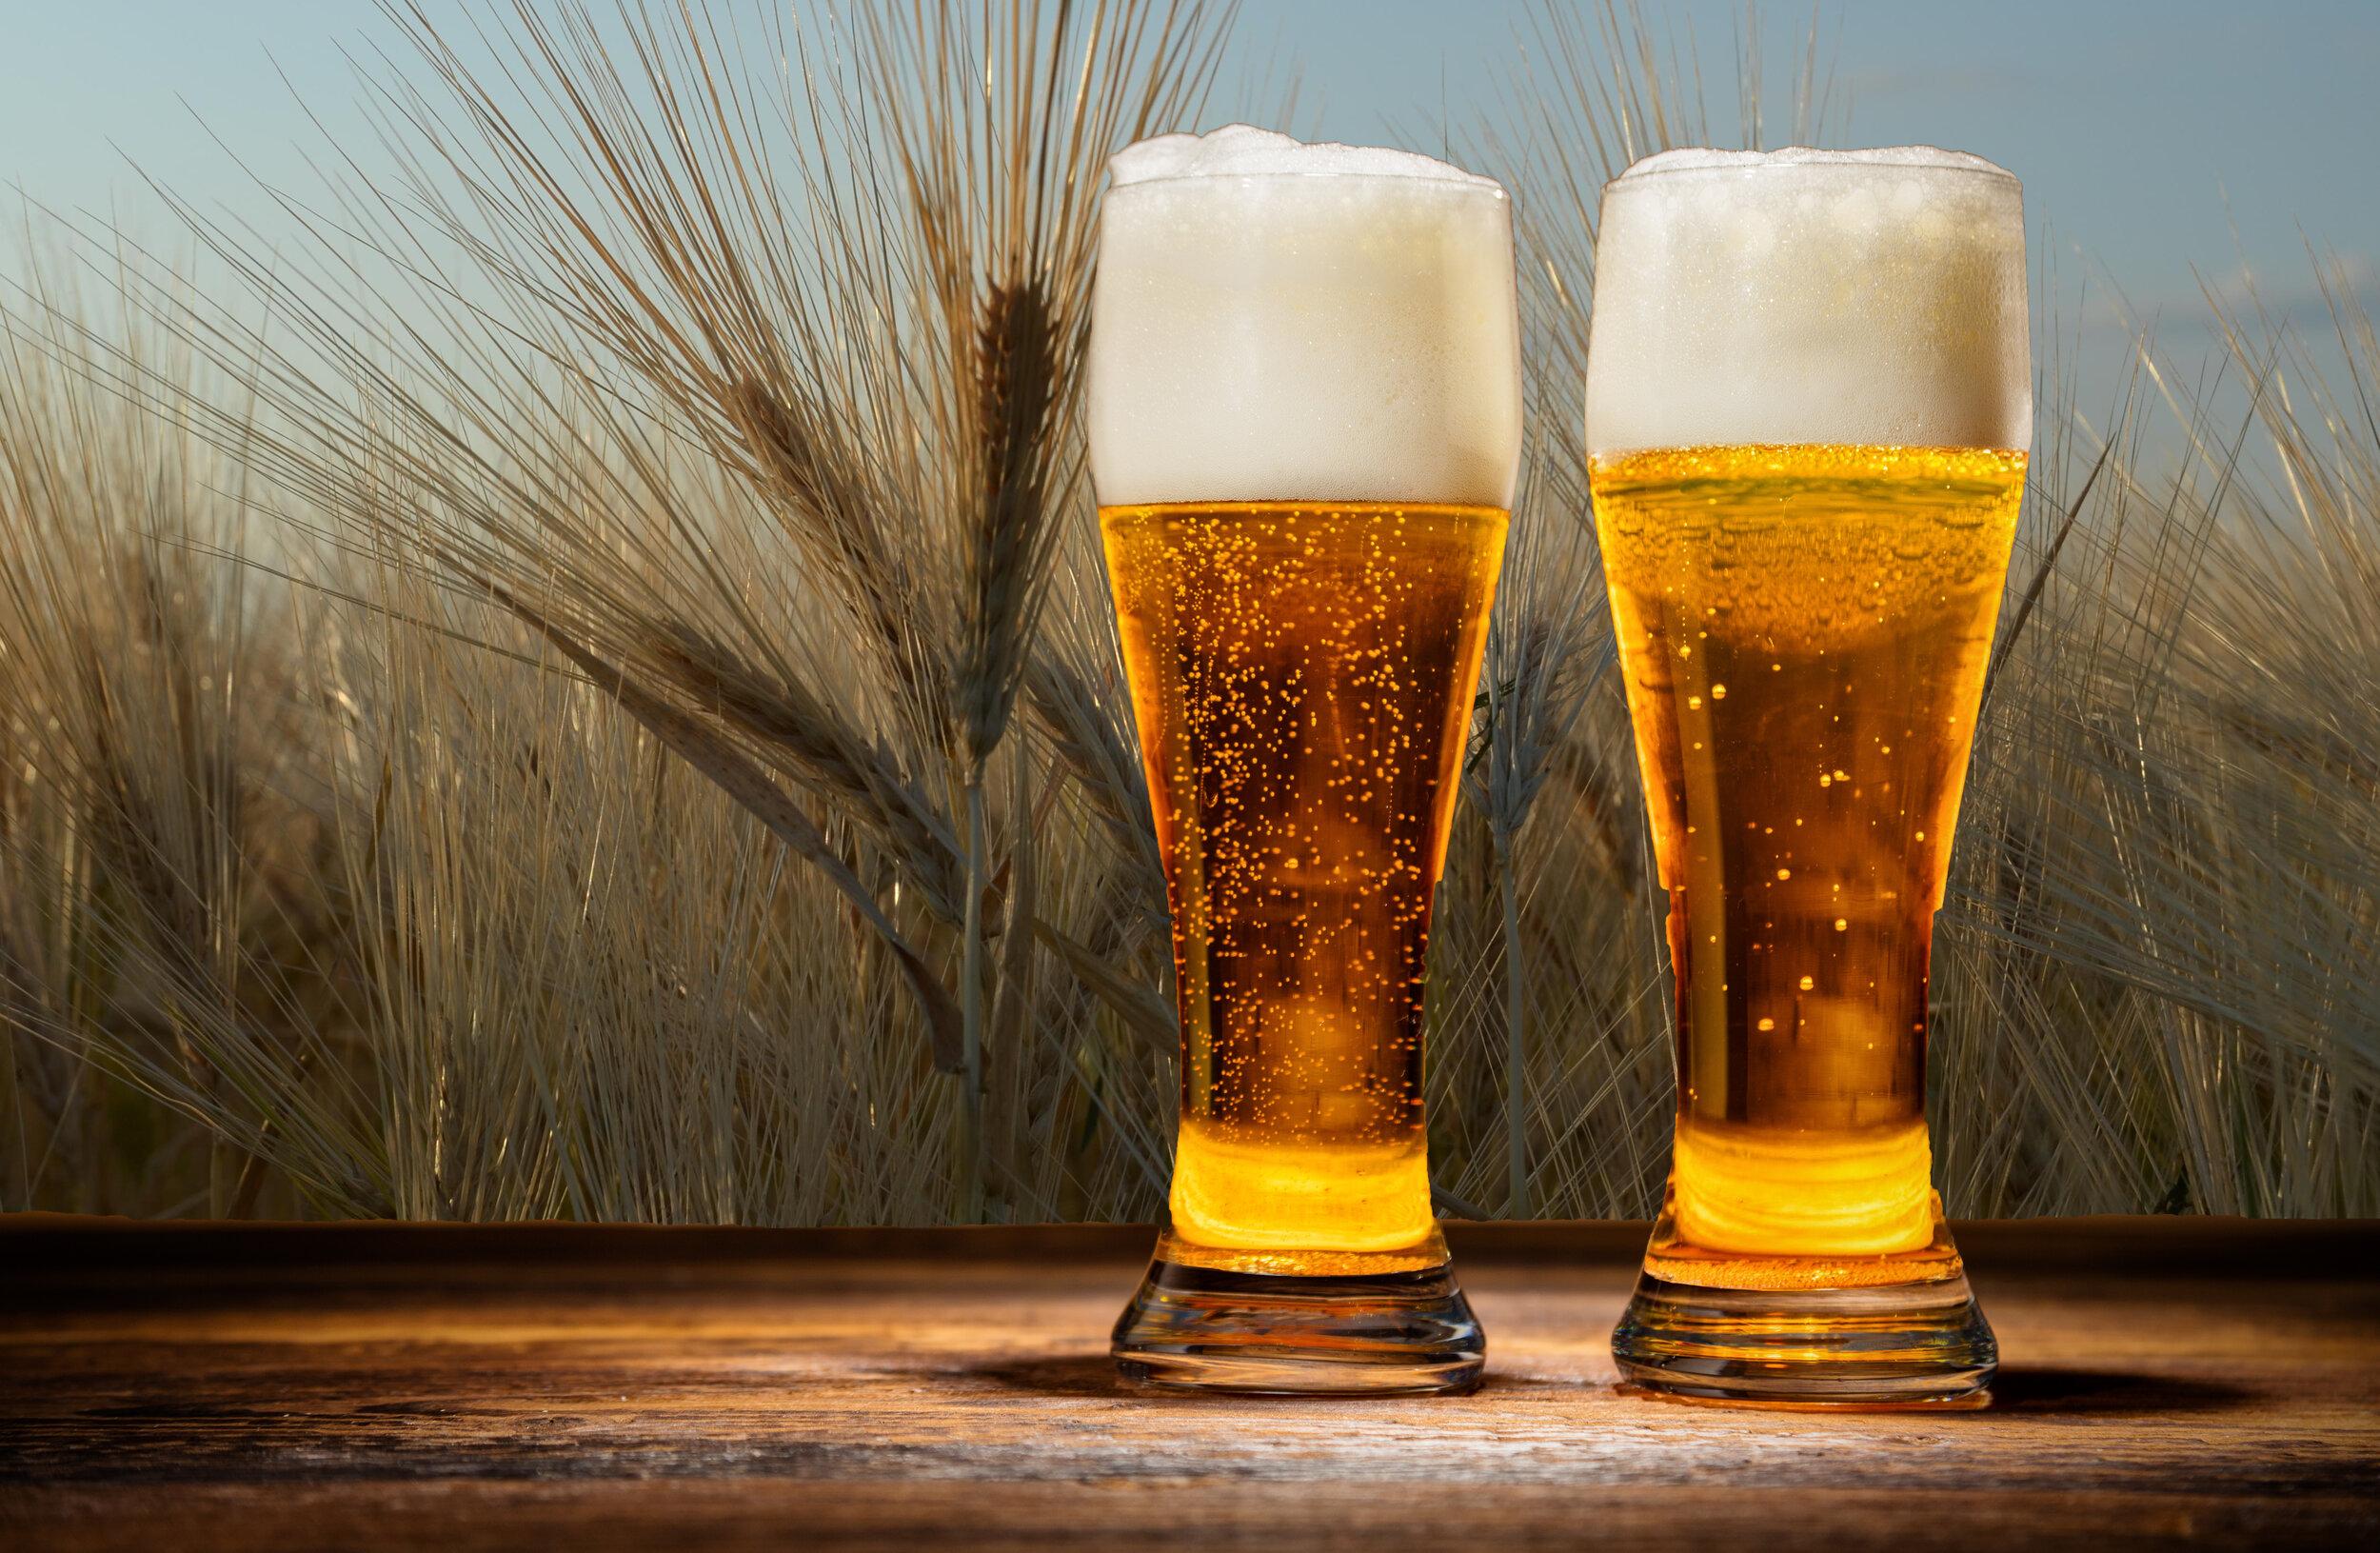 Barley Beer Photo 2.jpg